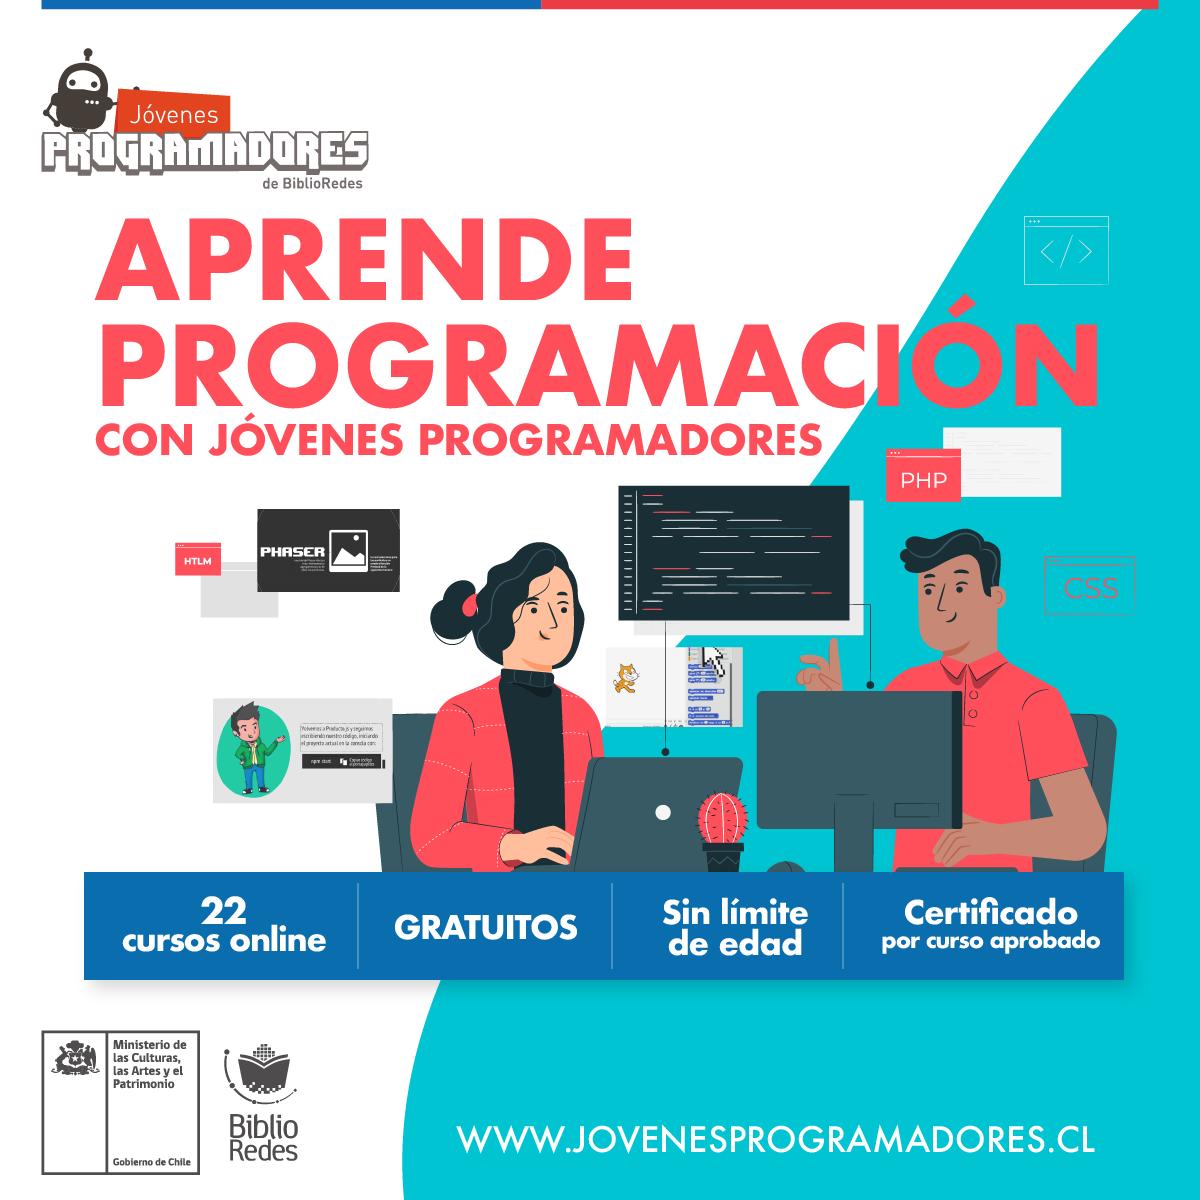 Biblioredes Ofrece 22 Cursos Gratuitos Y Online Para Aprender Programacion Rengo En La Noticia